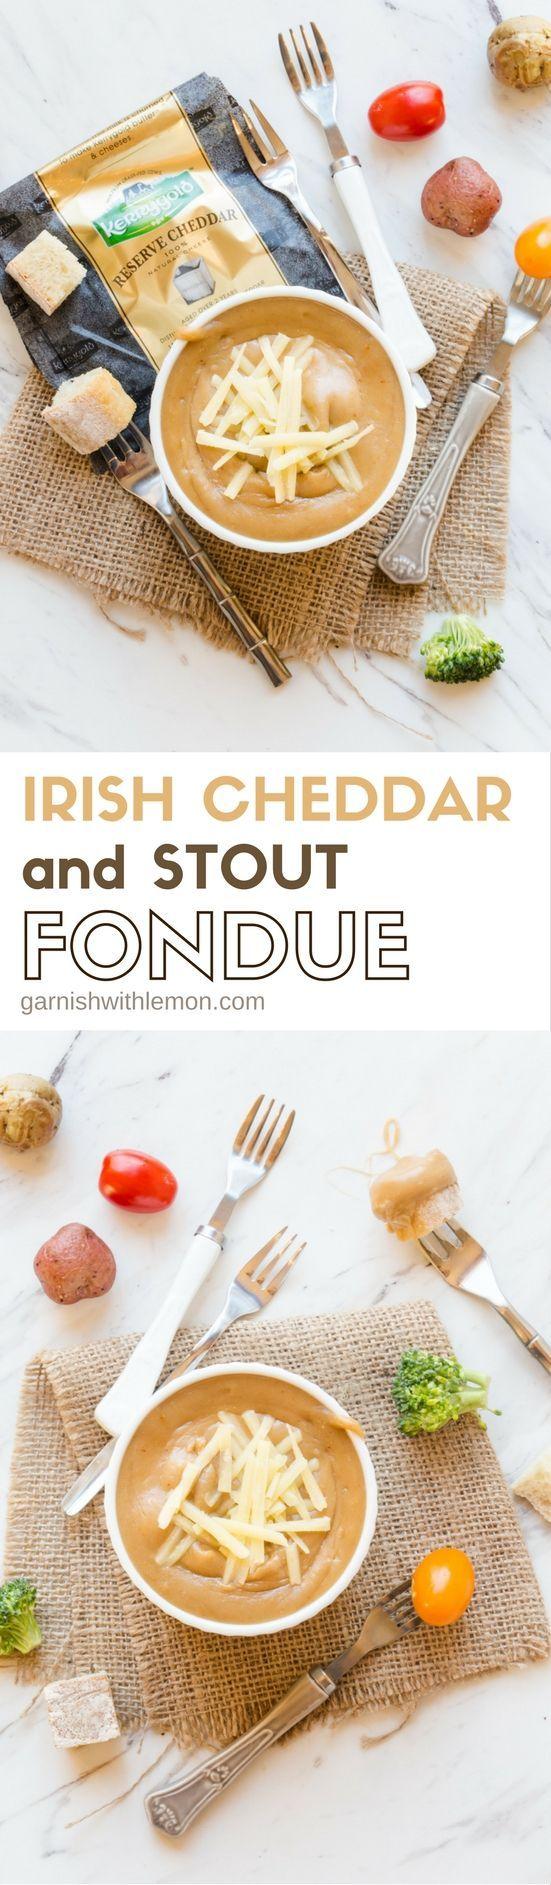 """Nichts schreit """"Party"""" wie Fondue, und dieses irische Cheddar und Stout Fondue wird der Hit Ihrer St. Patrick's Day Bash sein!"""